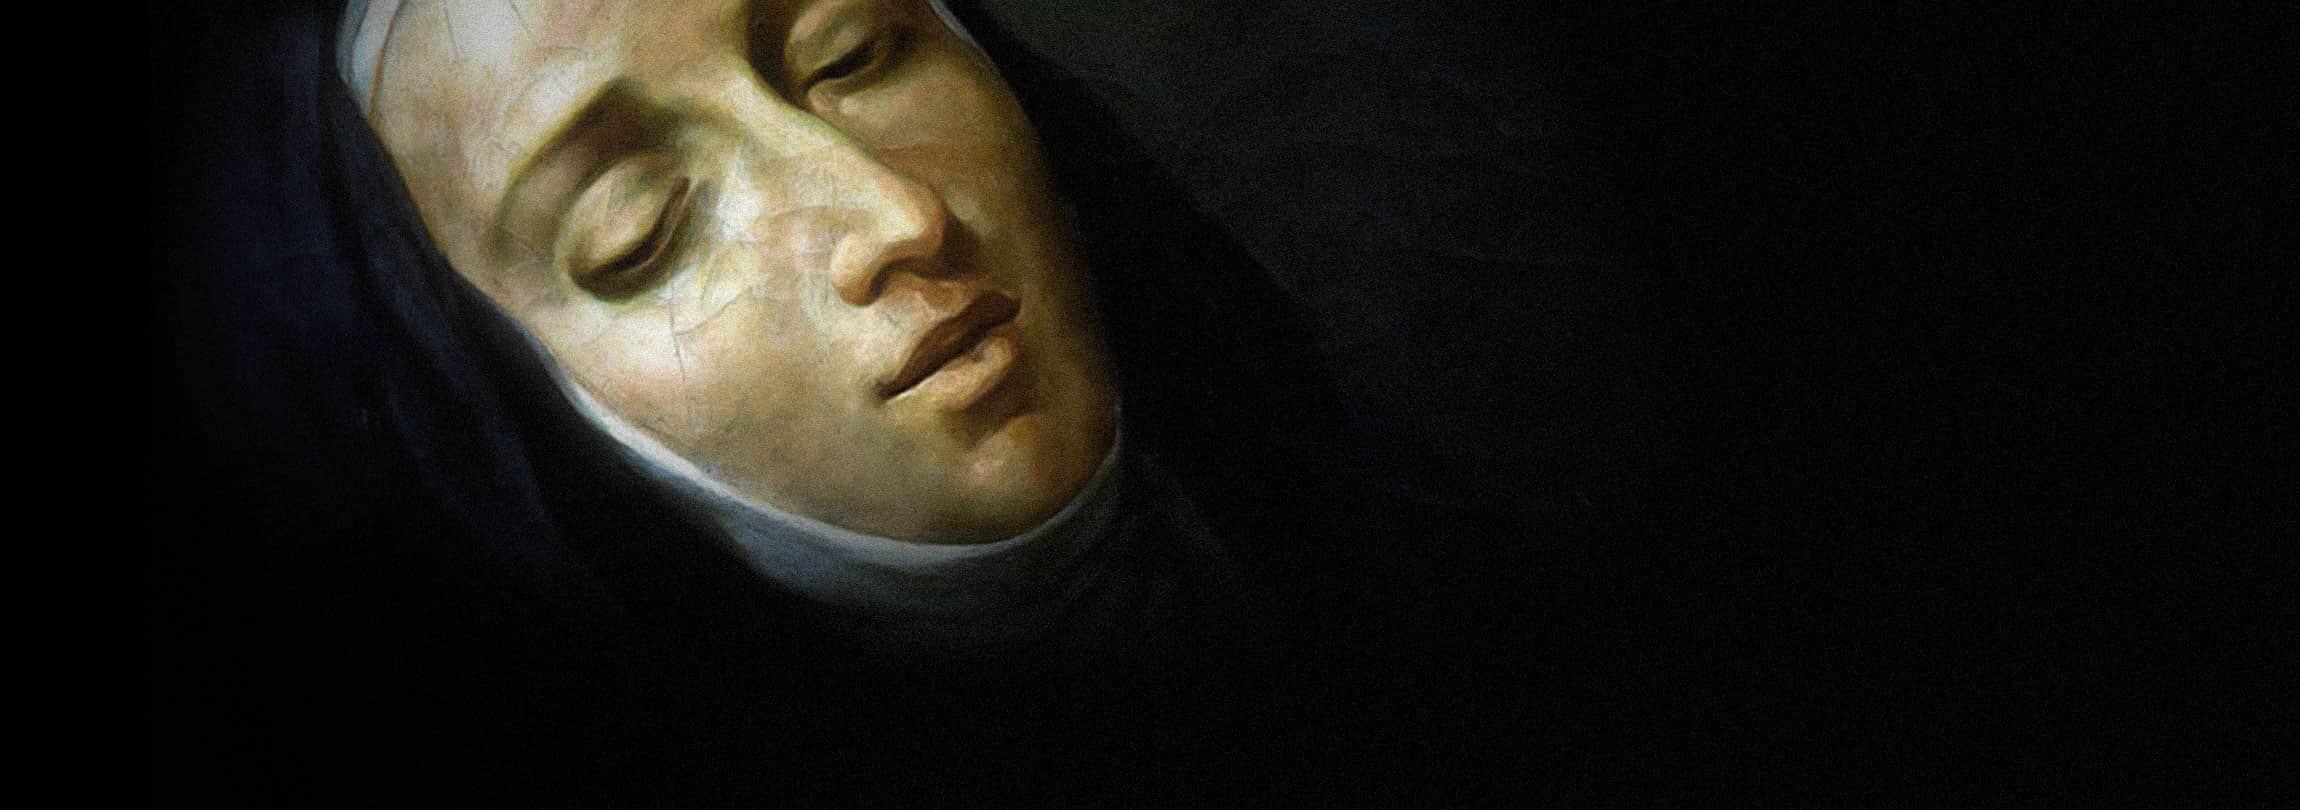 Rita de Cássia, uma história de amor através do sofrimento